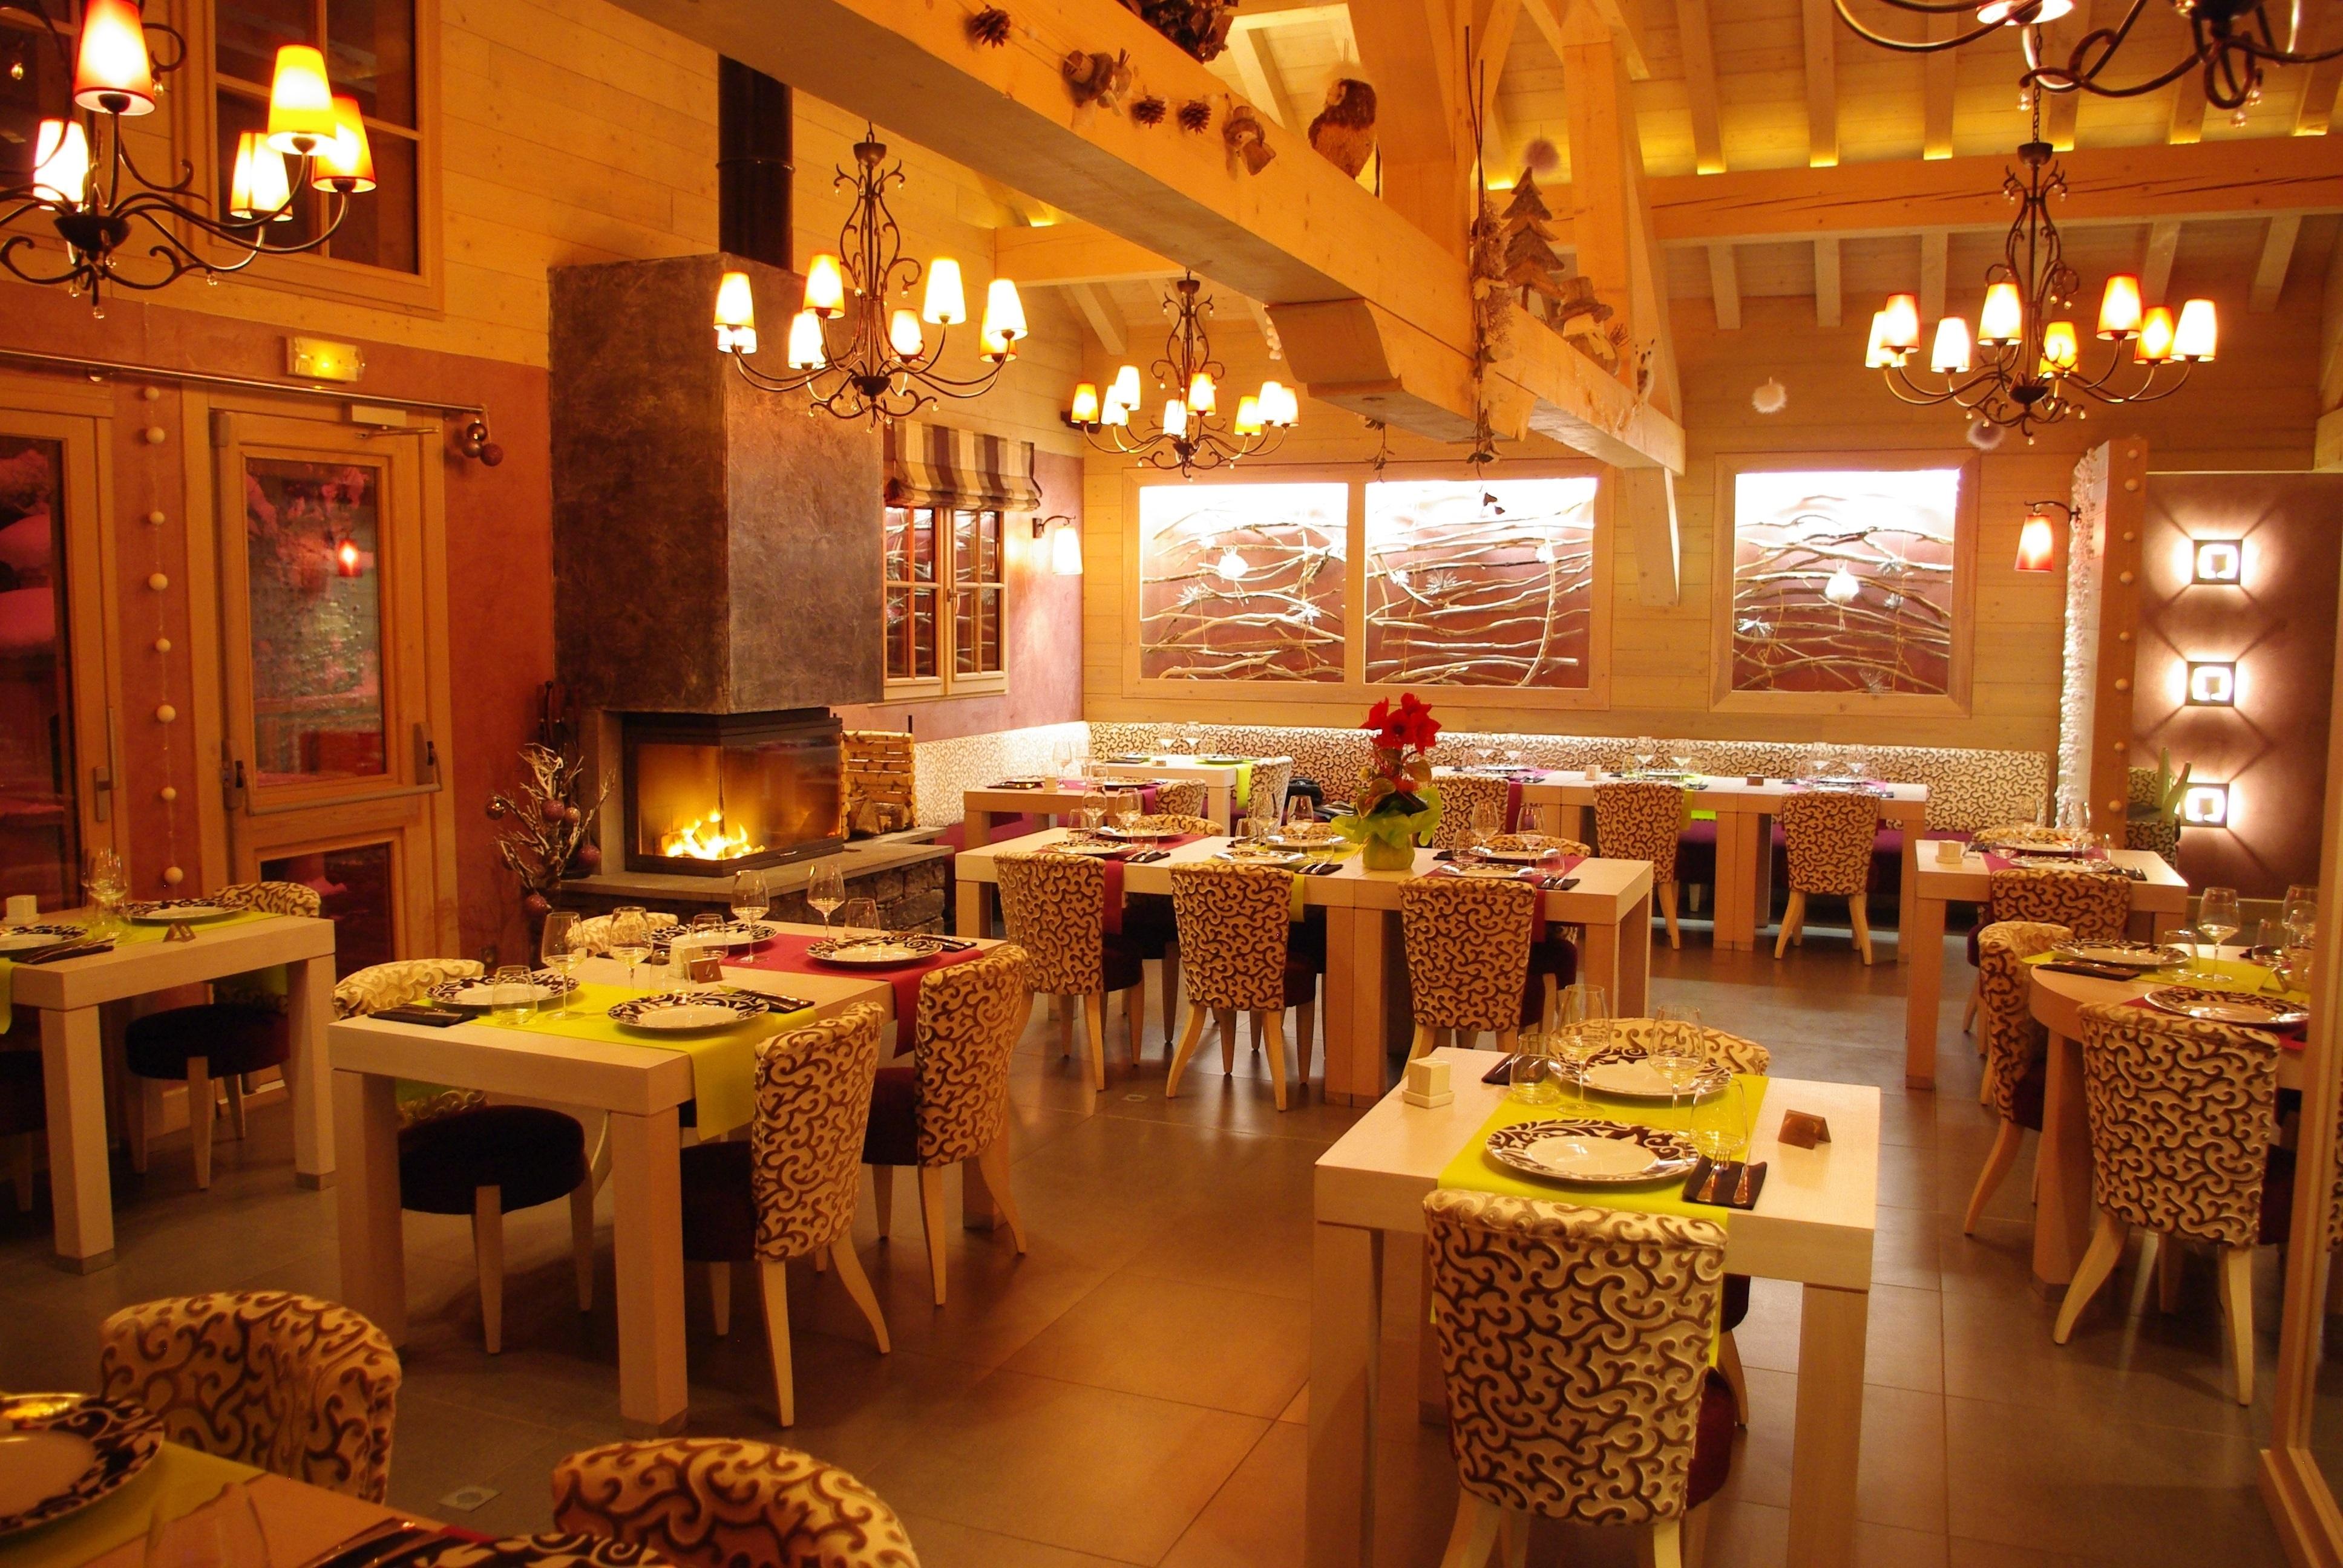 Restaurant Les Neiges - Station village de Saint-Sorlin-d'Arves © © Office de Tourisme de Saint Sorlin d'Arves